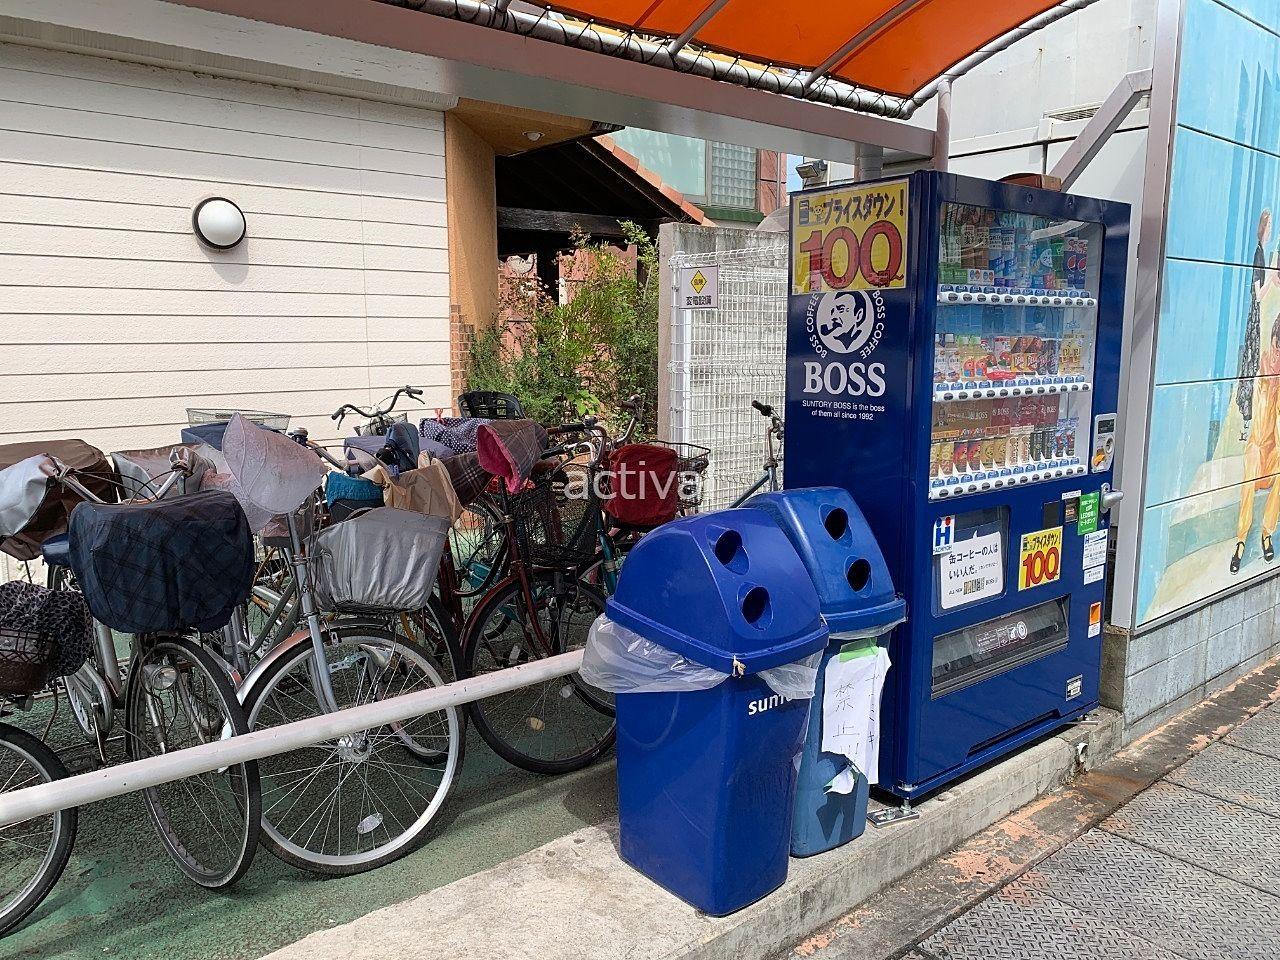 ゴミが捨てられるア・ス・ヴェルデの駐輪場(スペース)です。